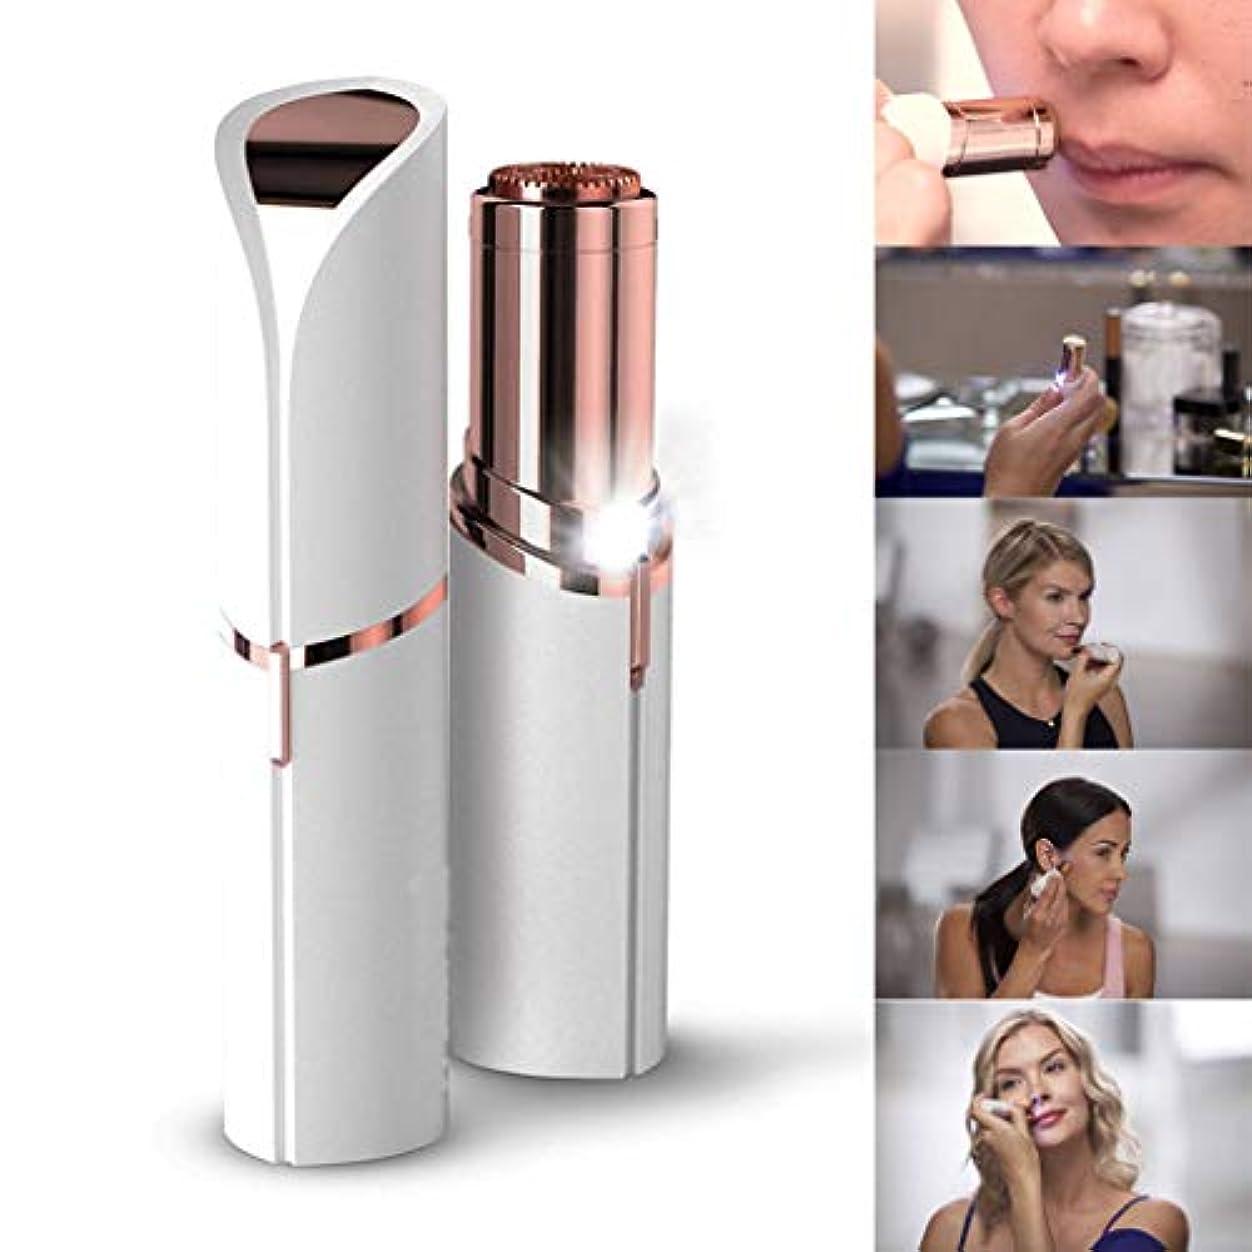 安定しました取り消す調和女性のための顔用ヘアトリマー、女性の無痛脱毛かみそり脱毛器ポータブル電気顔用ヘアリムーバル(電池式)